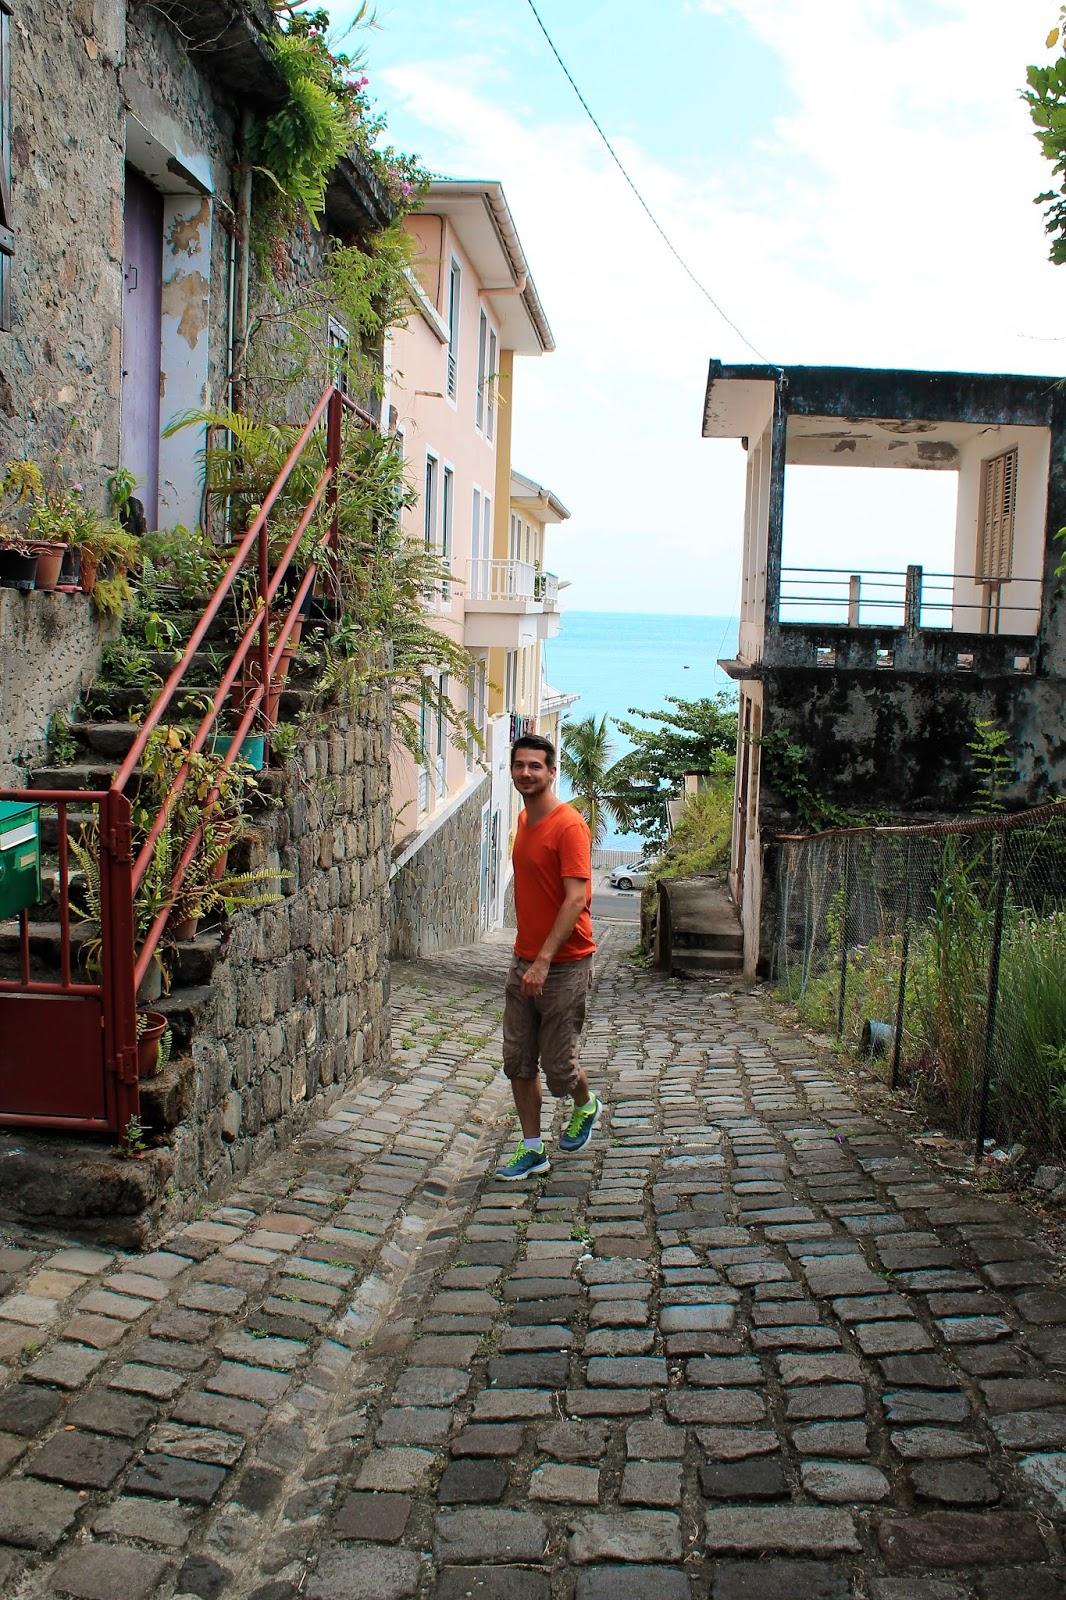 martinique caraibes vacances île dom tom visite saint-pierre rue ruelle pavé